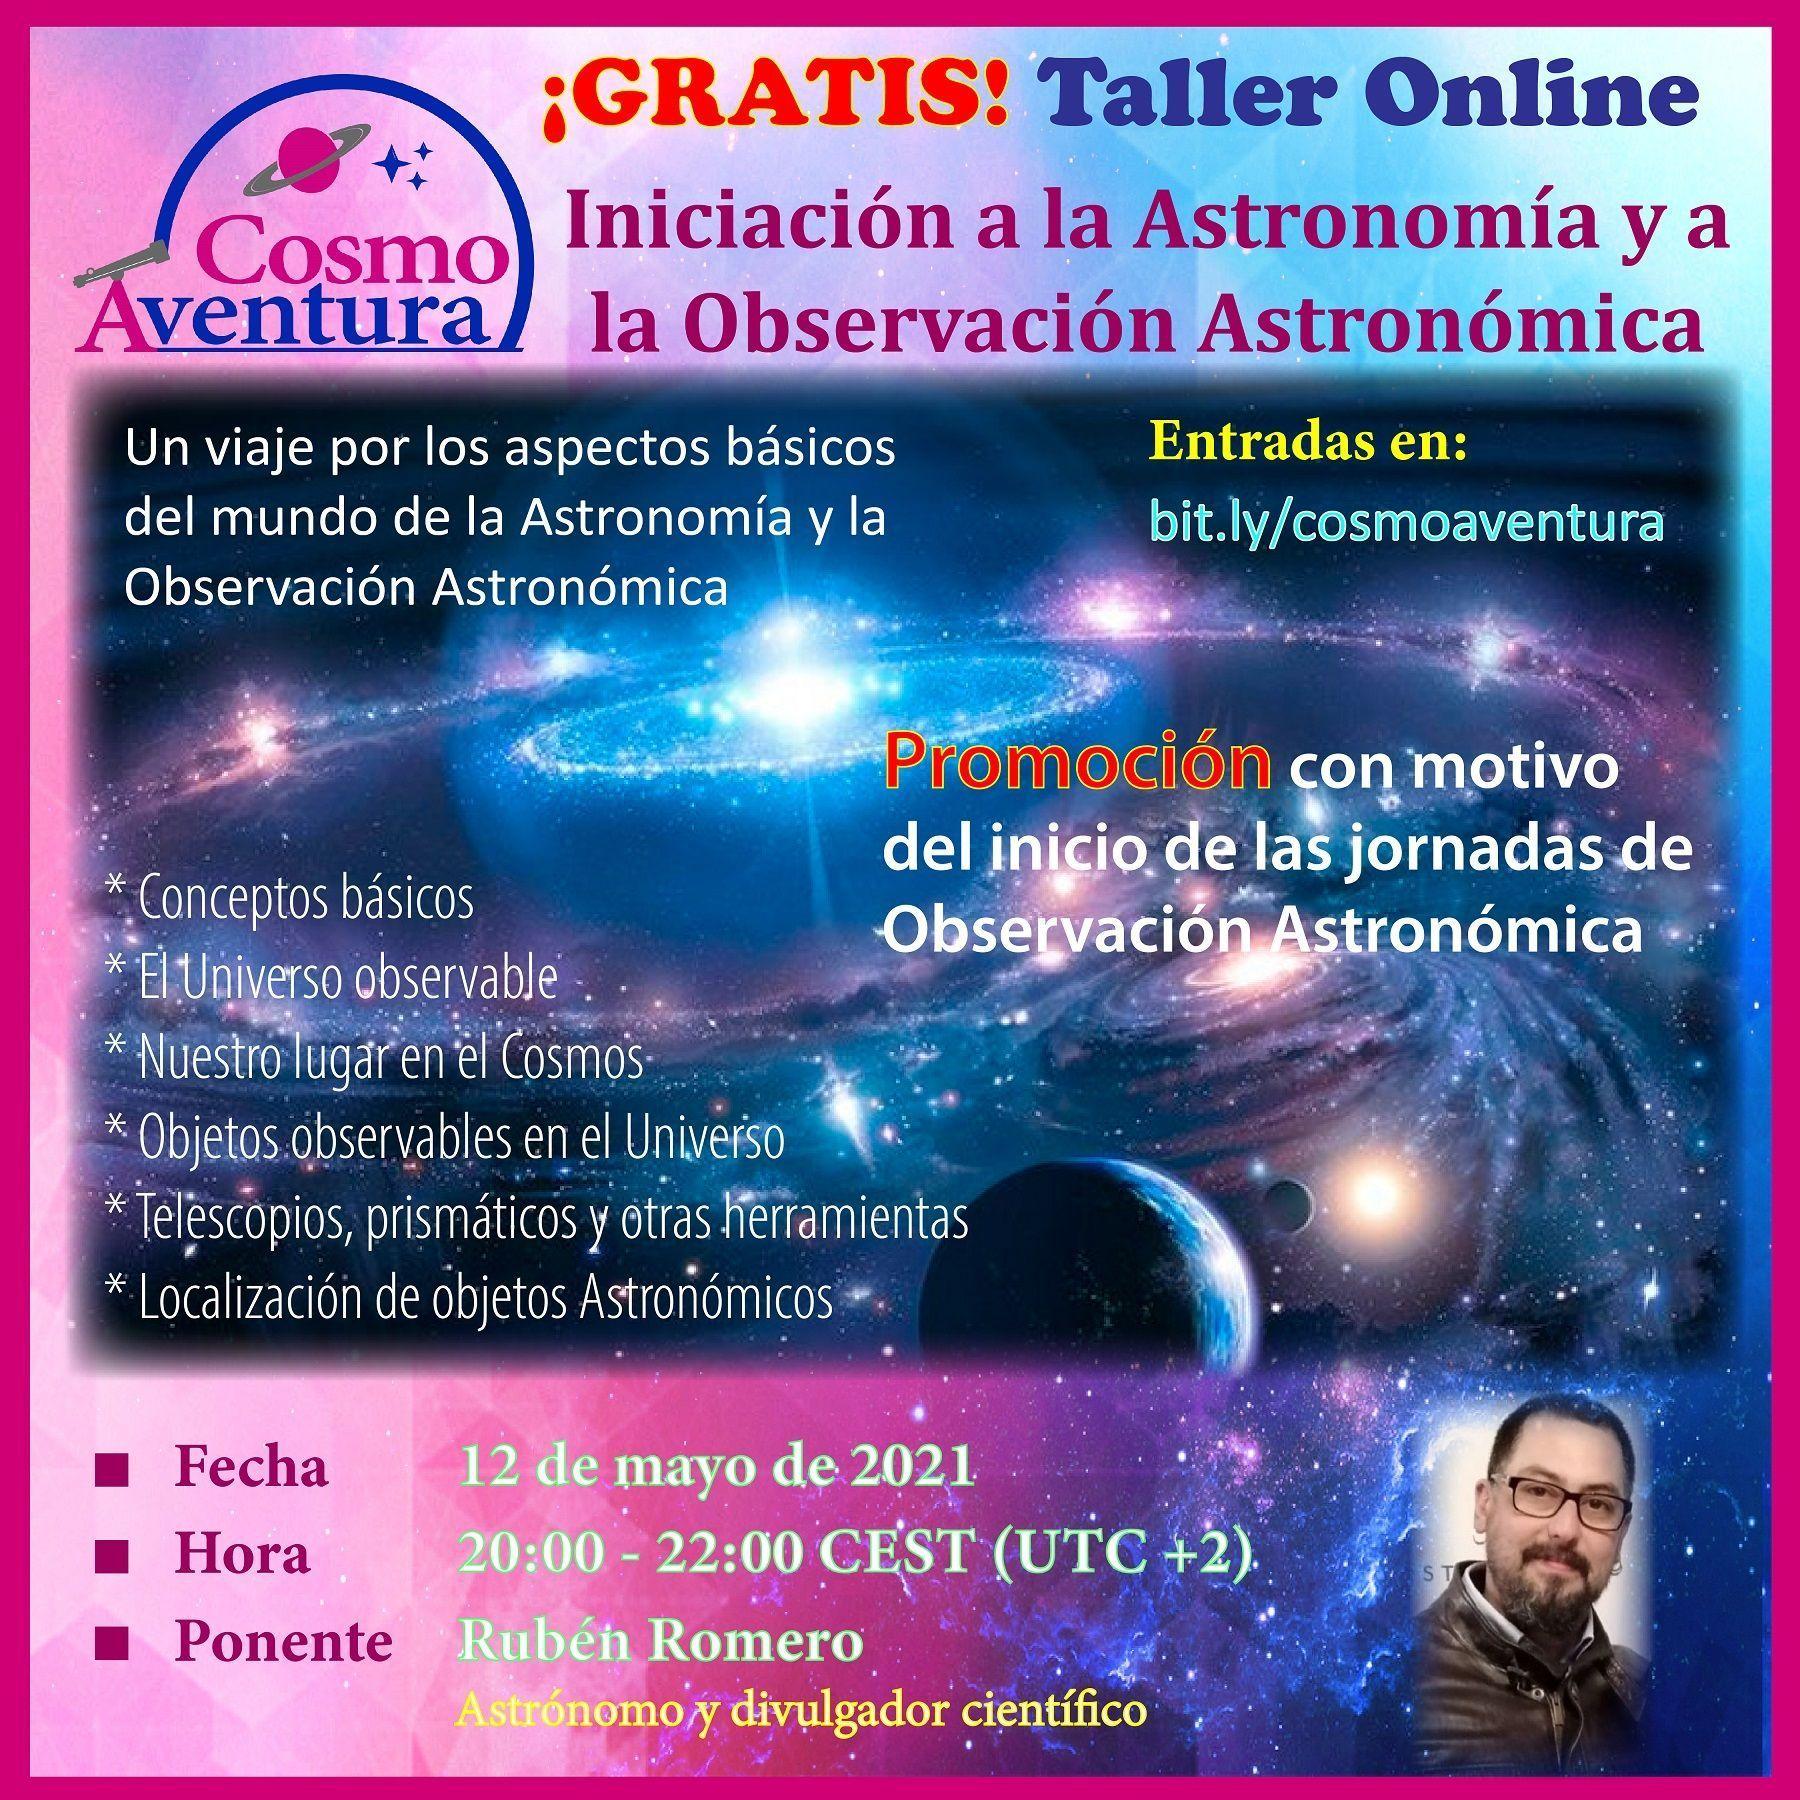 ¡¡¡GRATIS!!! 12-05-2021.- Taller Online: Iniciación a la Astronomía y a la Observación Astronómica